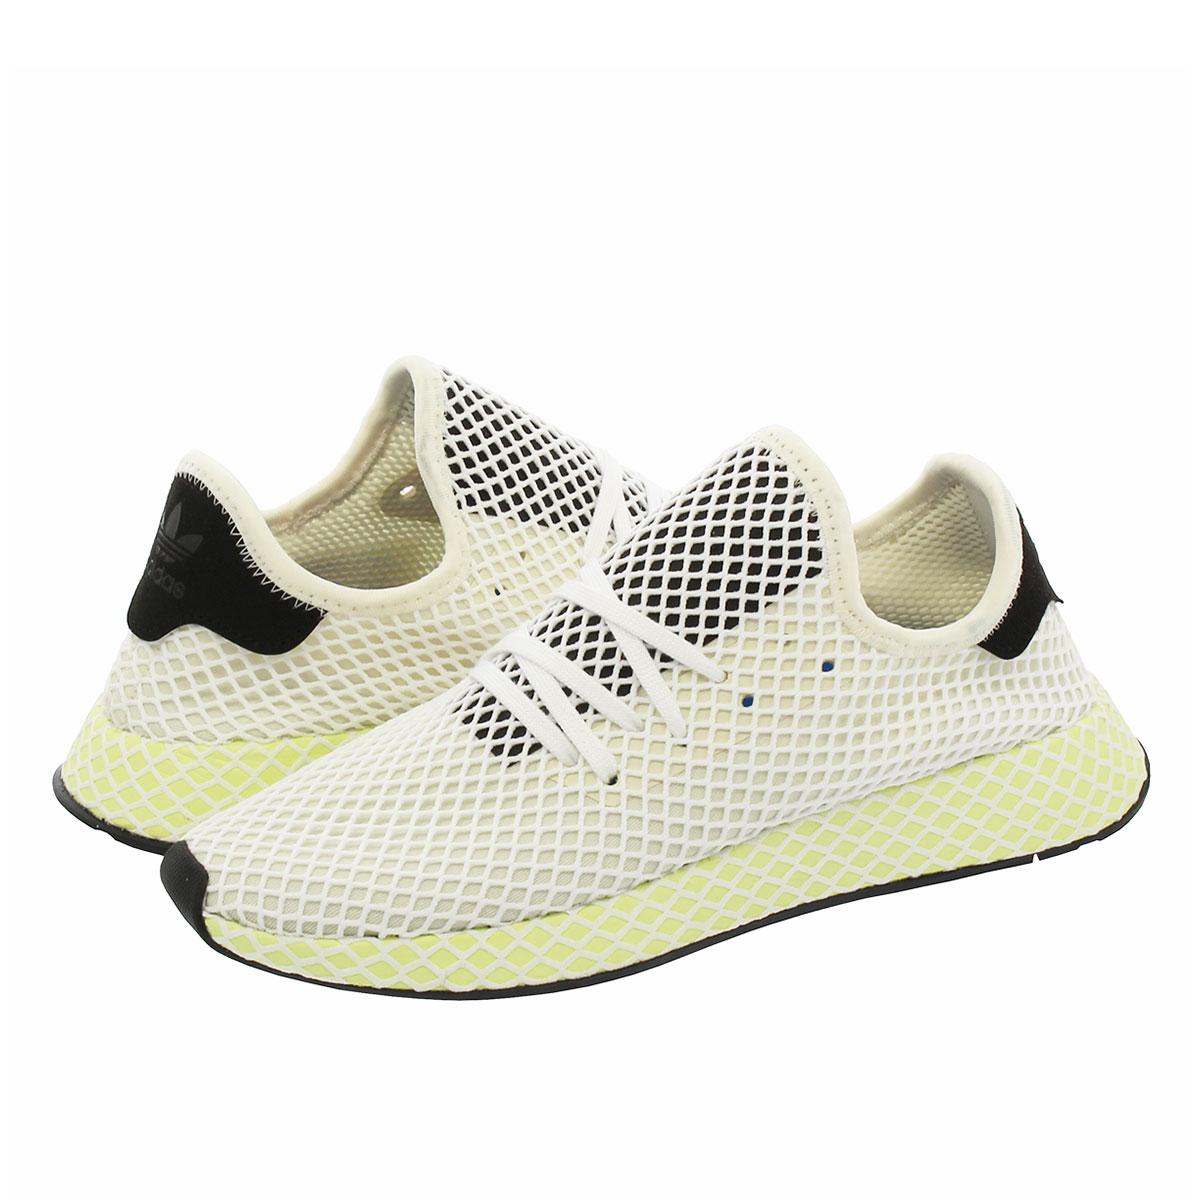 【半期に一度の決算セール】 adidas DEERUPT RUNNER アディダス ディーラプト ランナー CHALK WHITE/CORE BLACK